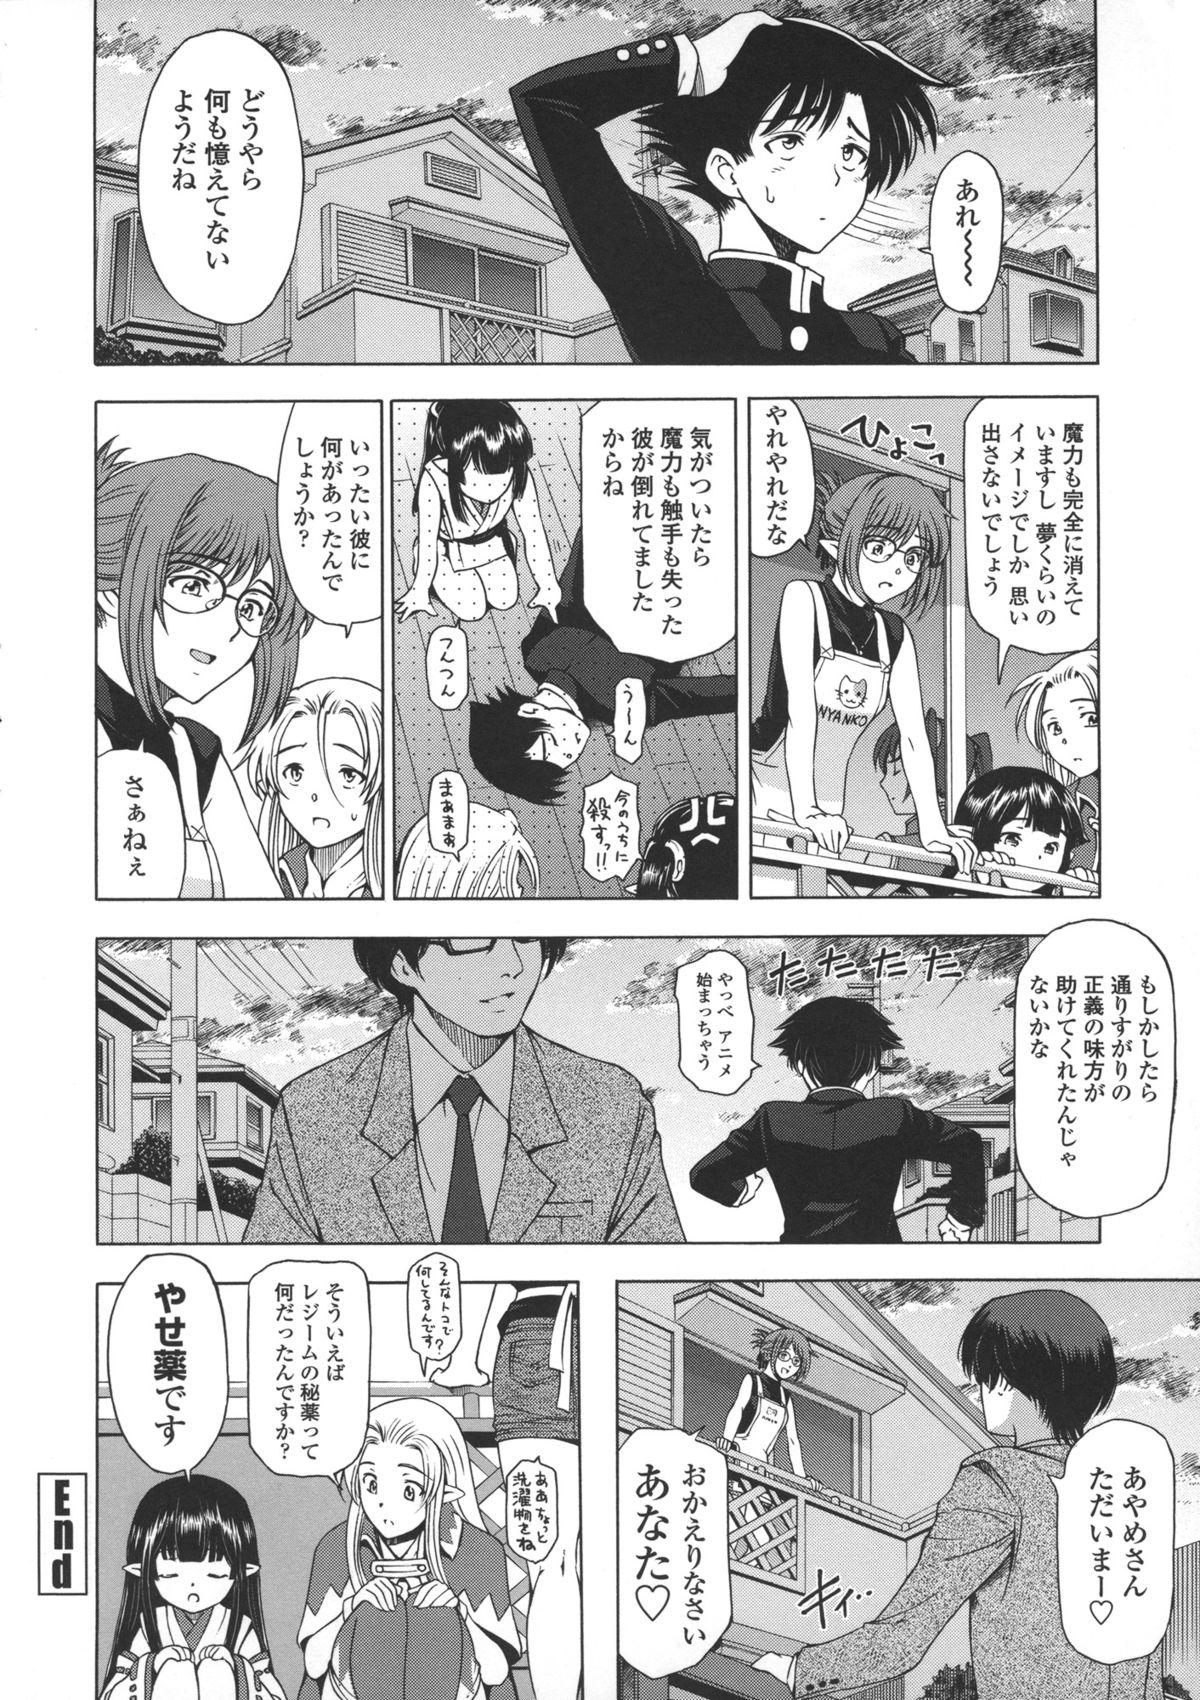 Ane wa Shota o Suki ni Naru 178